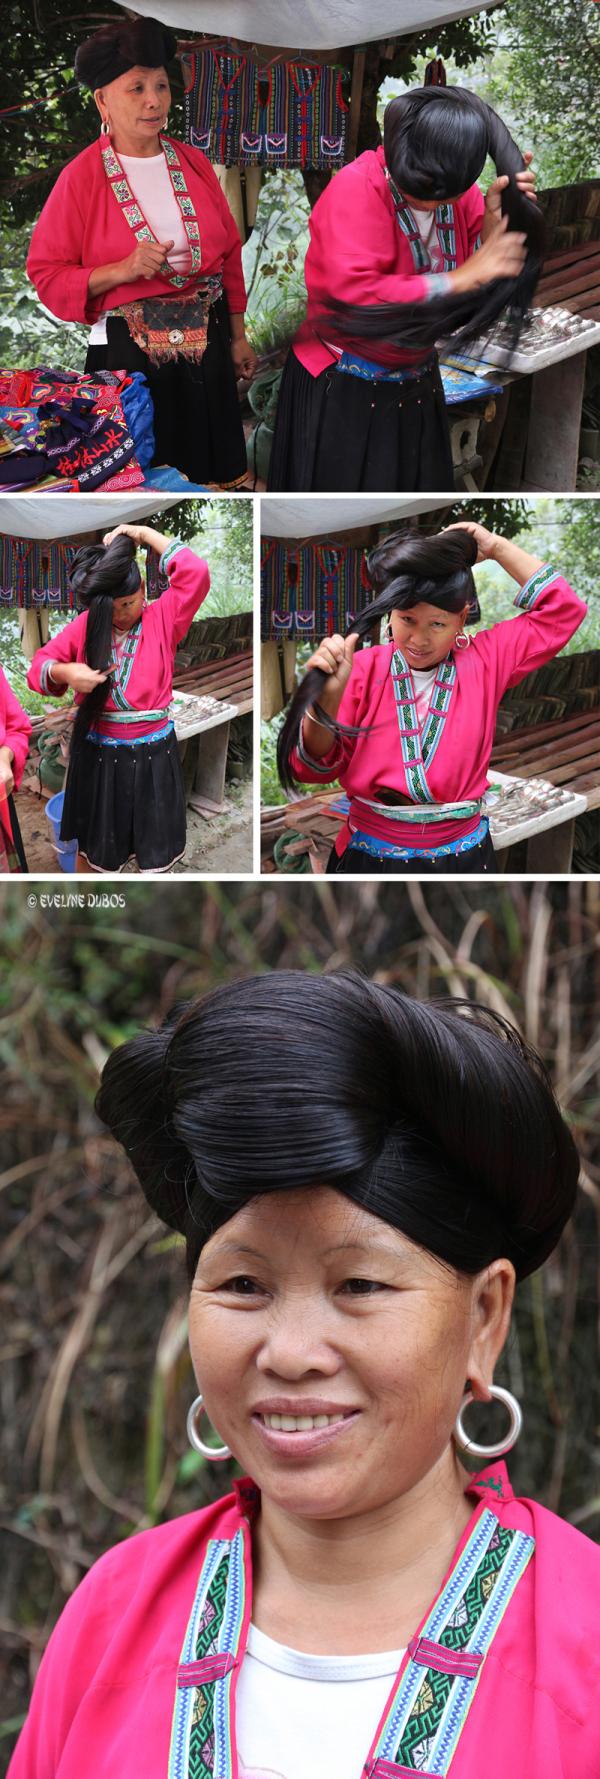 Femme YAO aux longs cheveux - 2/2 -